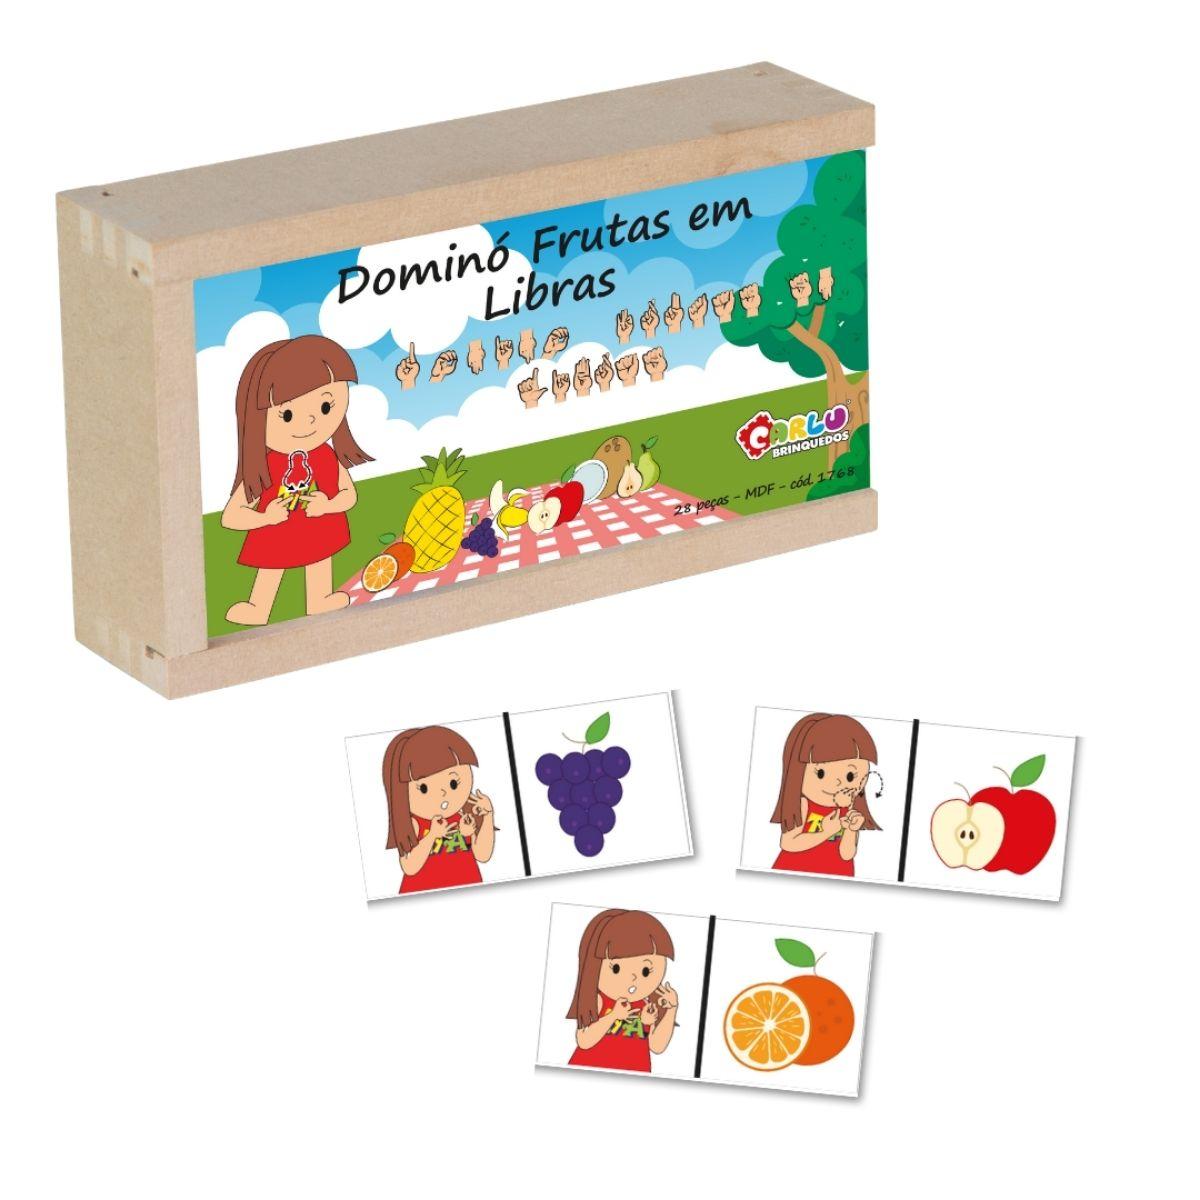 Brinquedo Educativo Domino Libras - Frutas